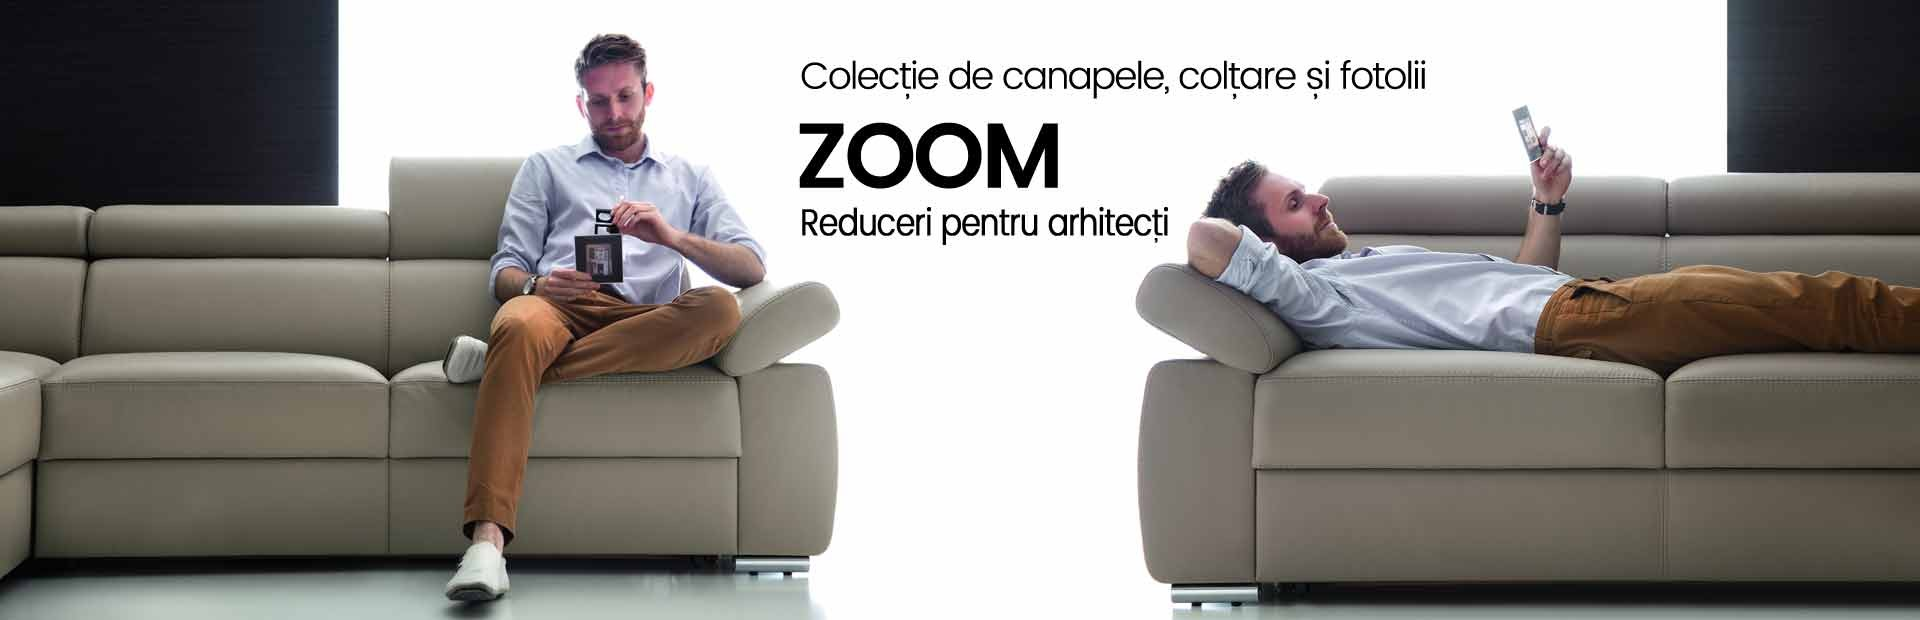 Canapele si coltare Zoom